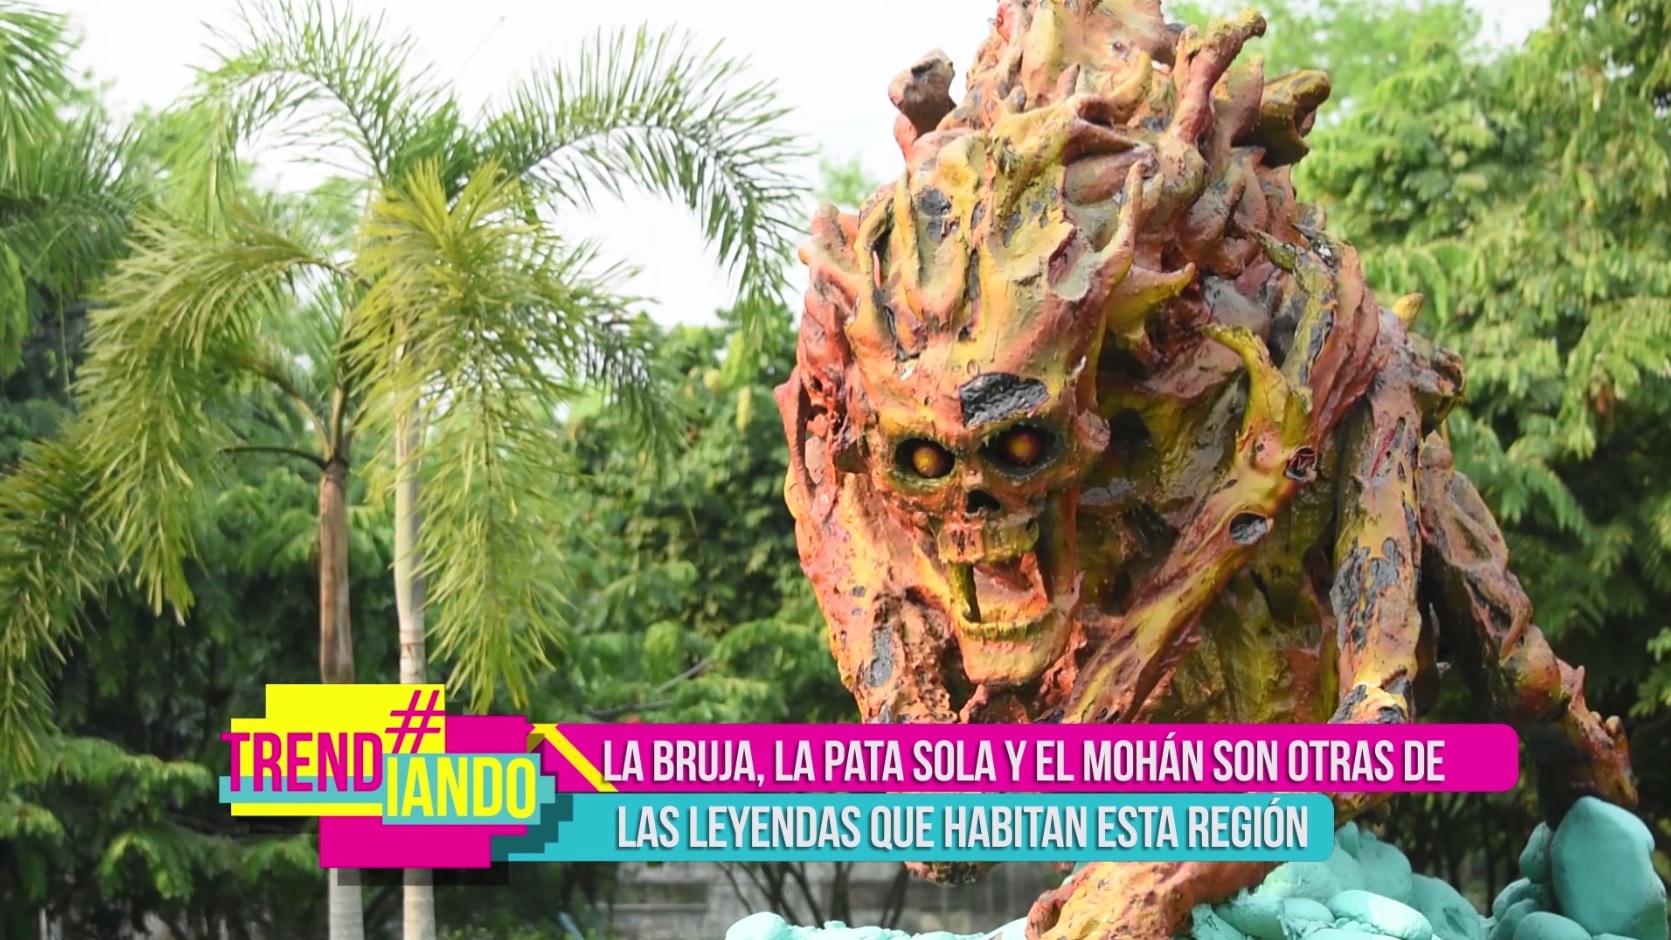 los-llanos-orientales-de-colombia-son-mucho-mas-que-mitos-y-leyendas.jpg